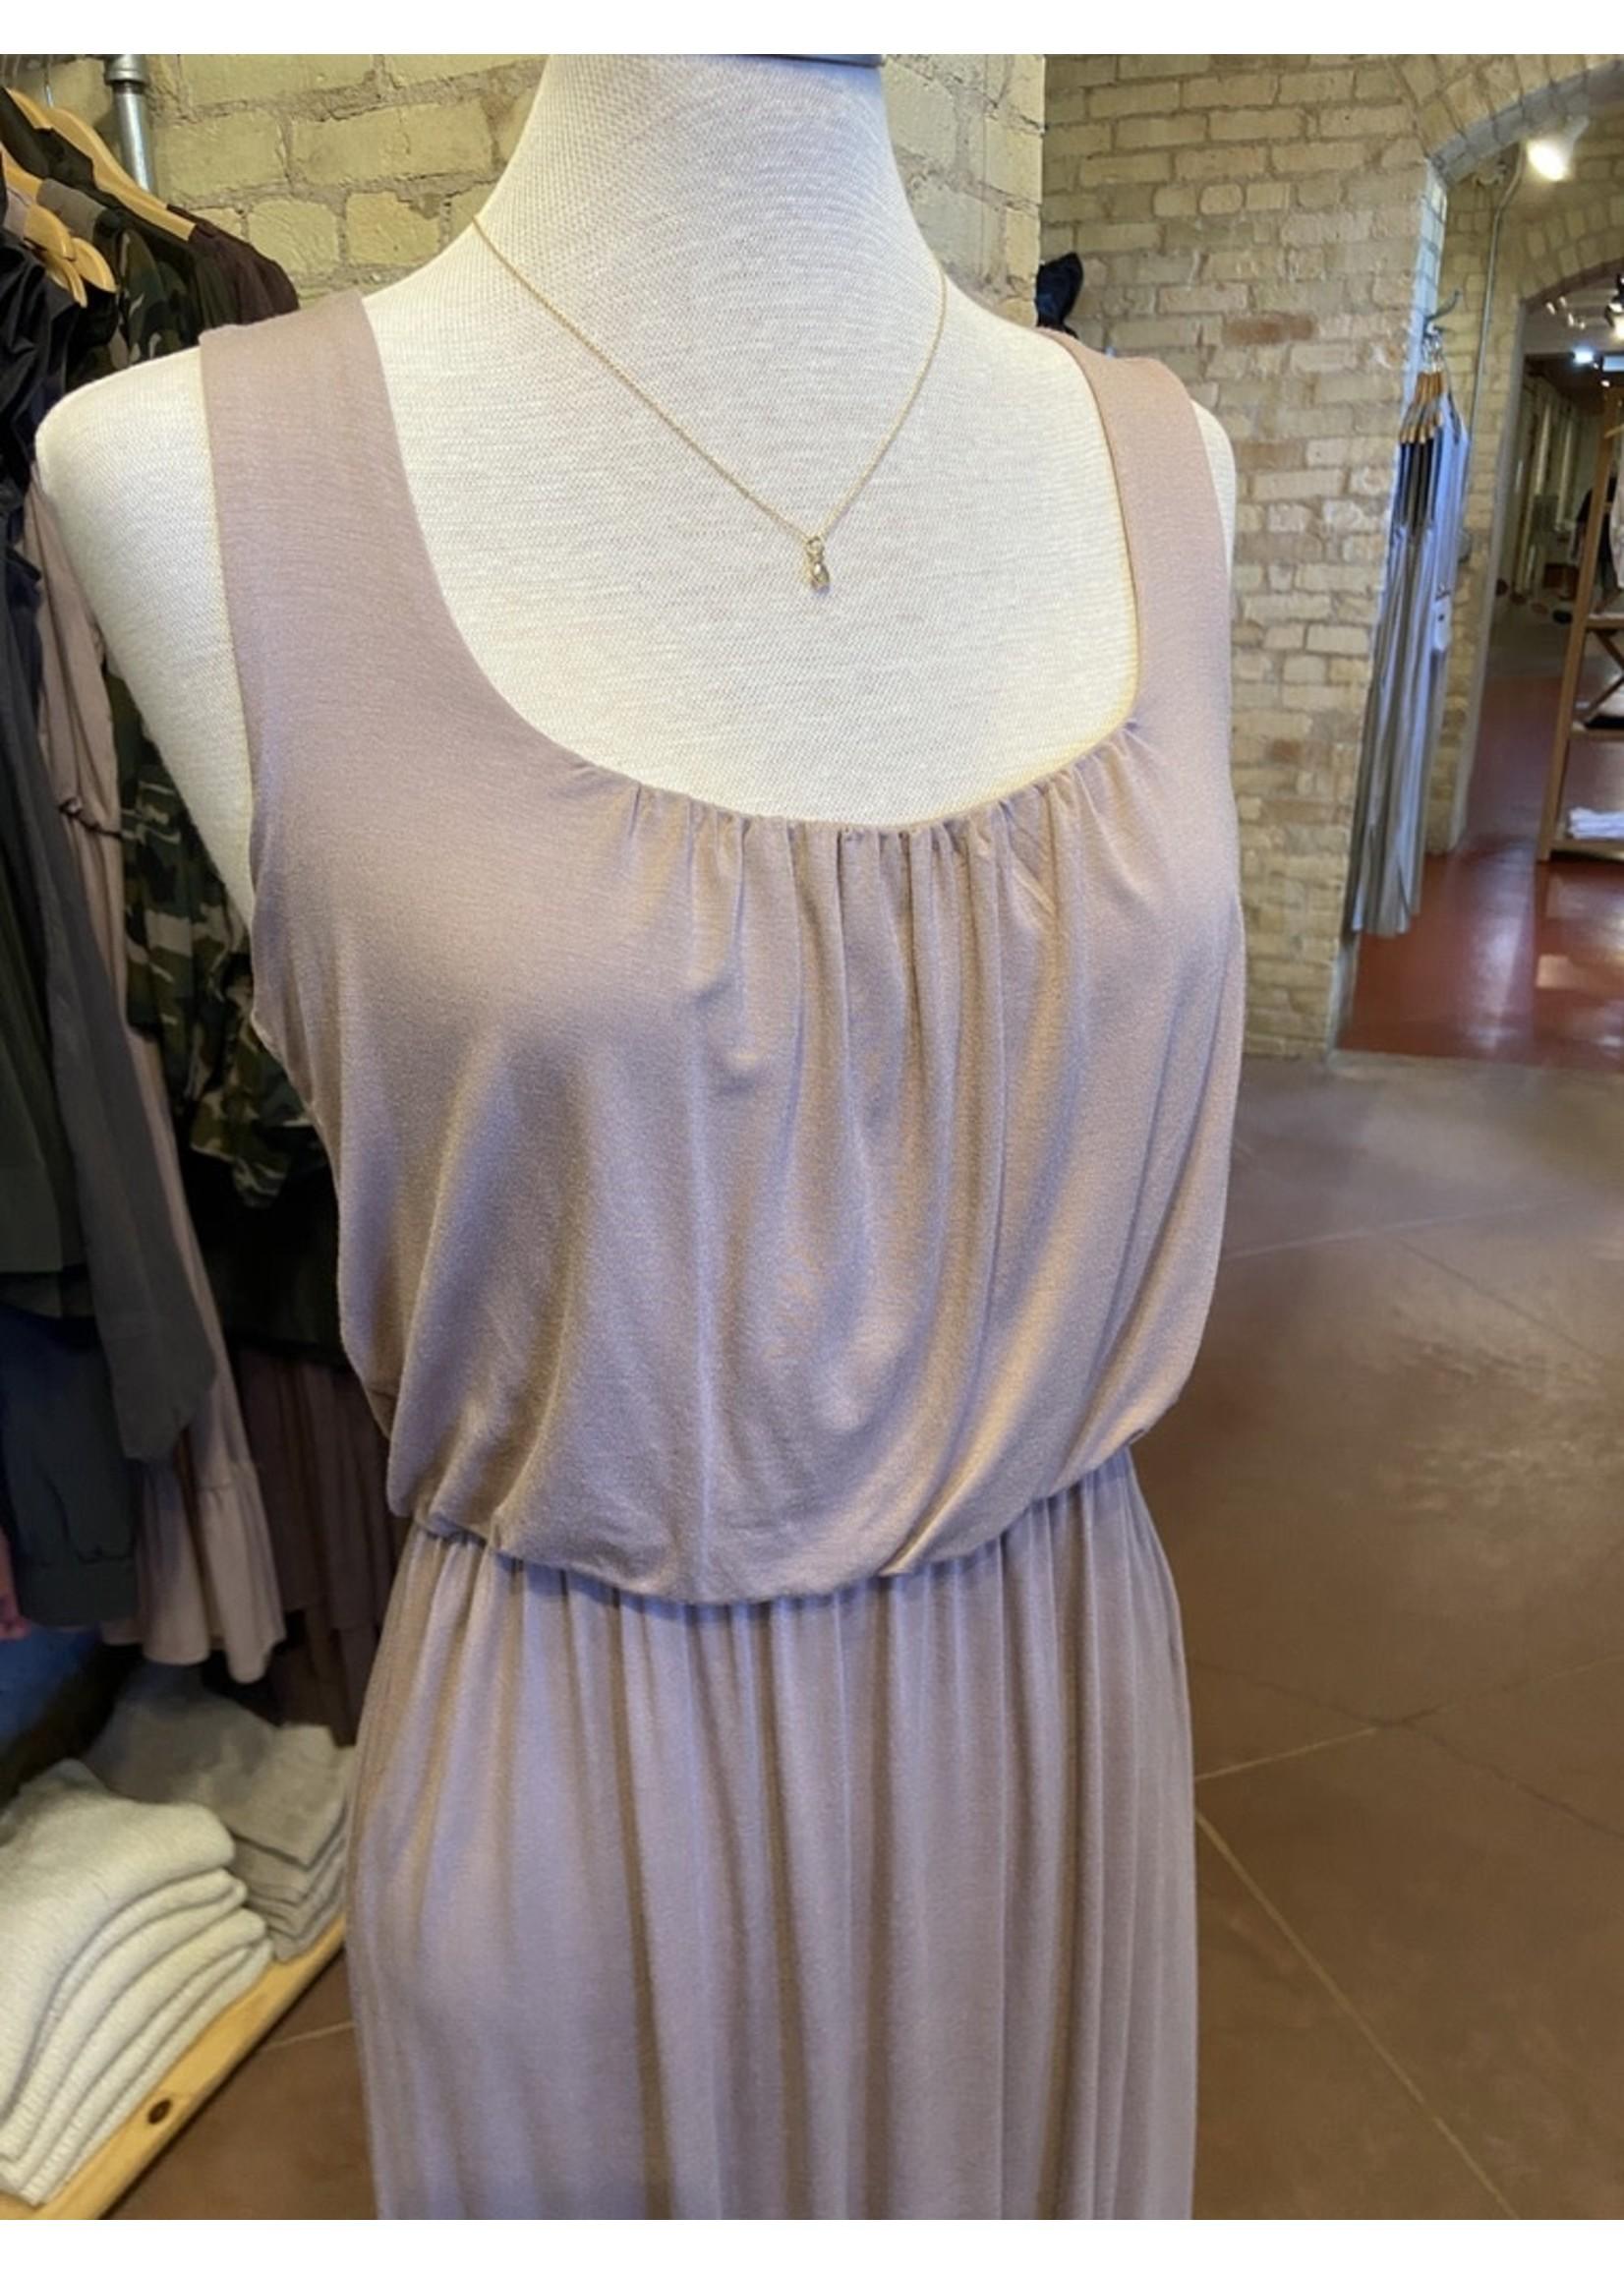 Gilli Midi Tank Dress with Ruffle